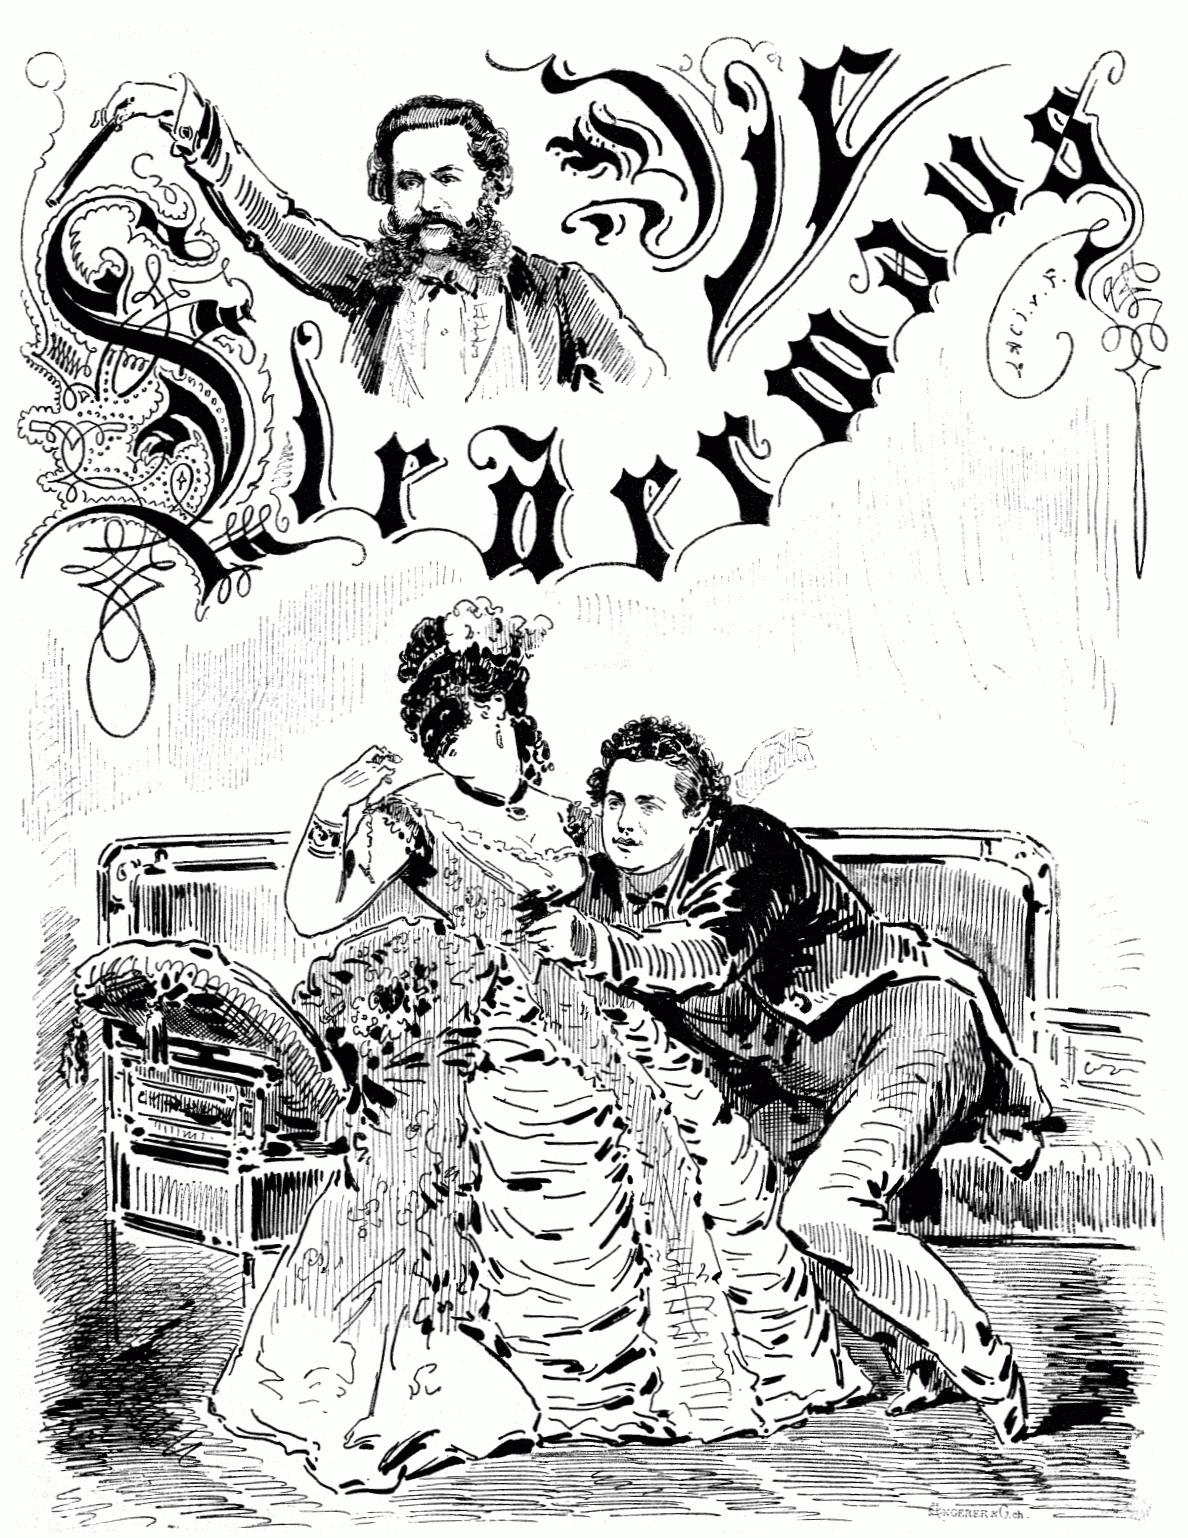 5 апреля 1874 года в Вене впервые исполнена знаменитая оперетта «Летучая мышь» Иоганна Штрауса-сына